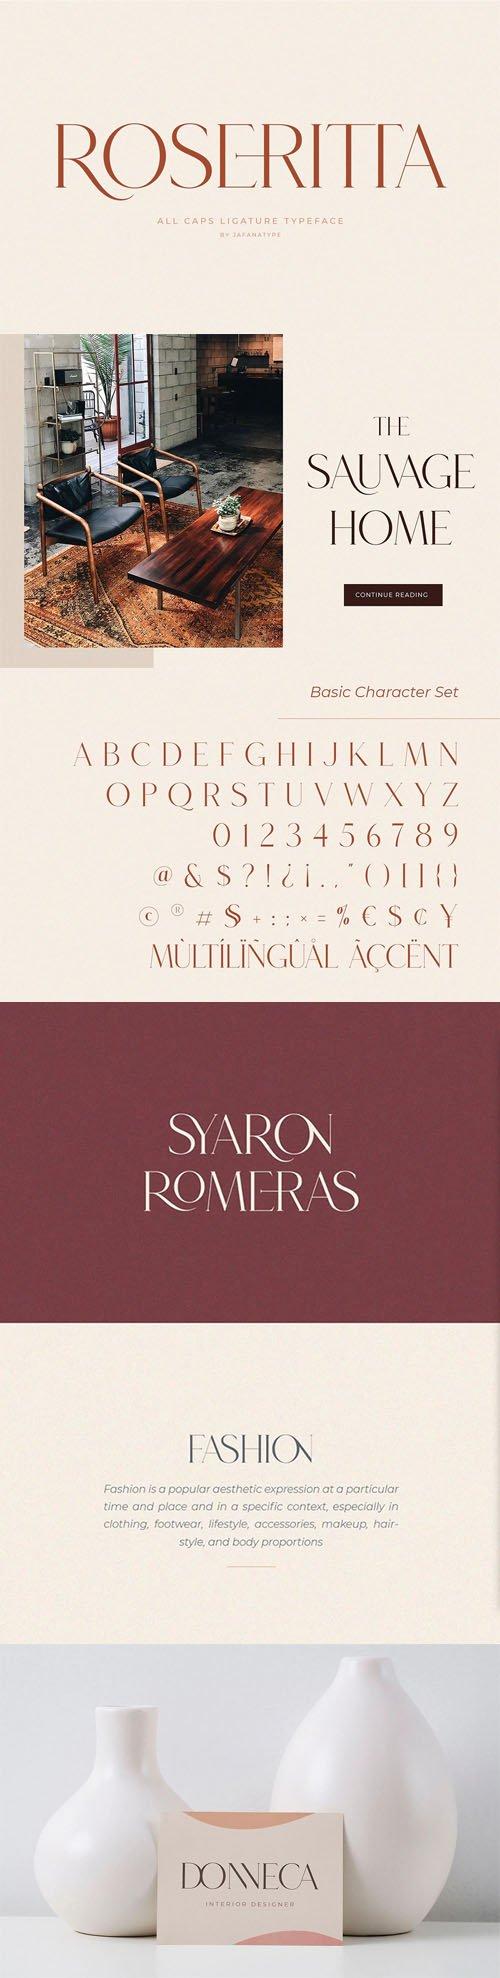 Roseritta - All Caps Ligature Typeface